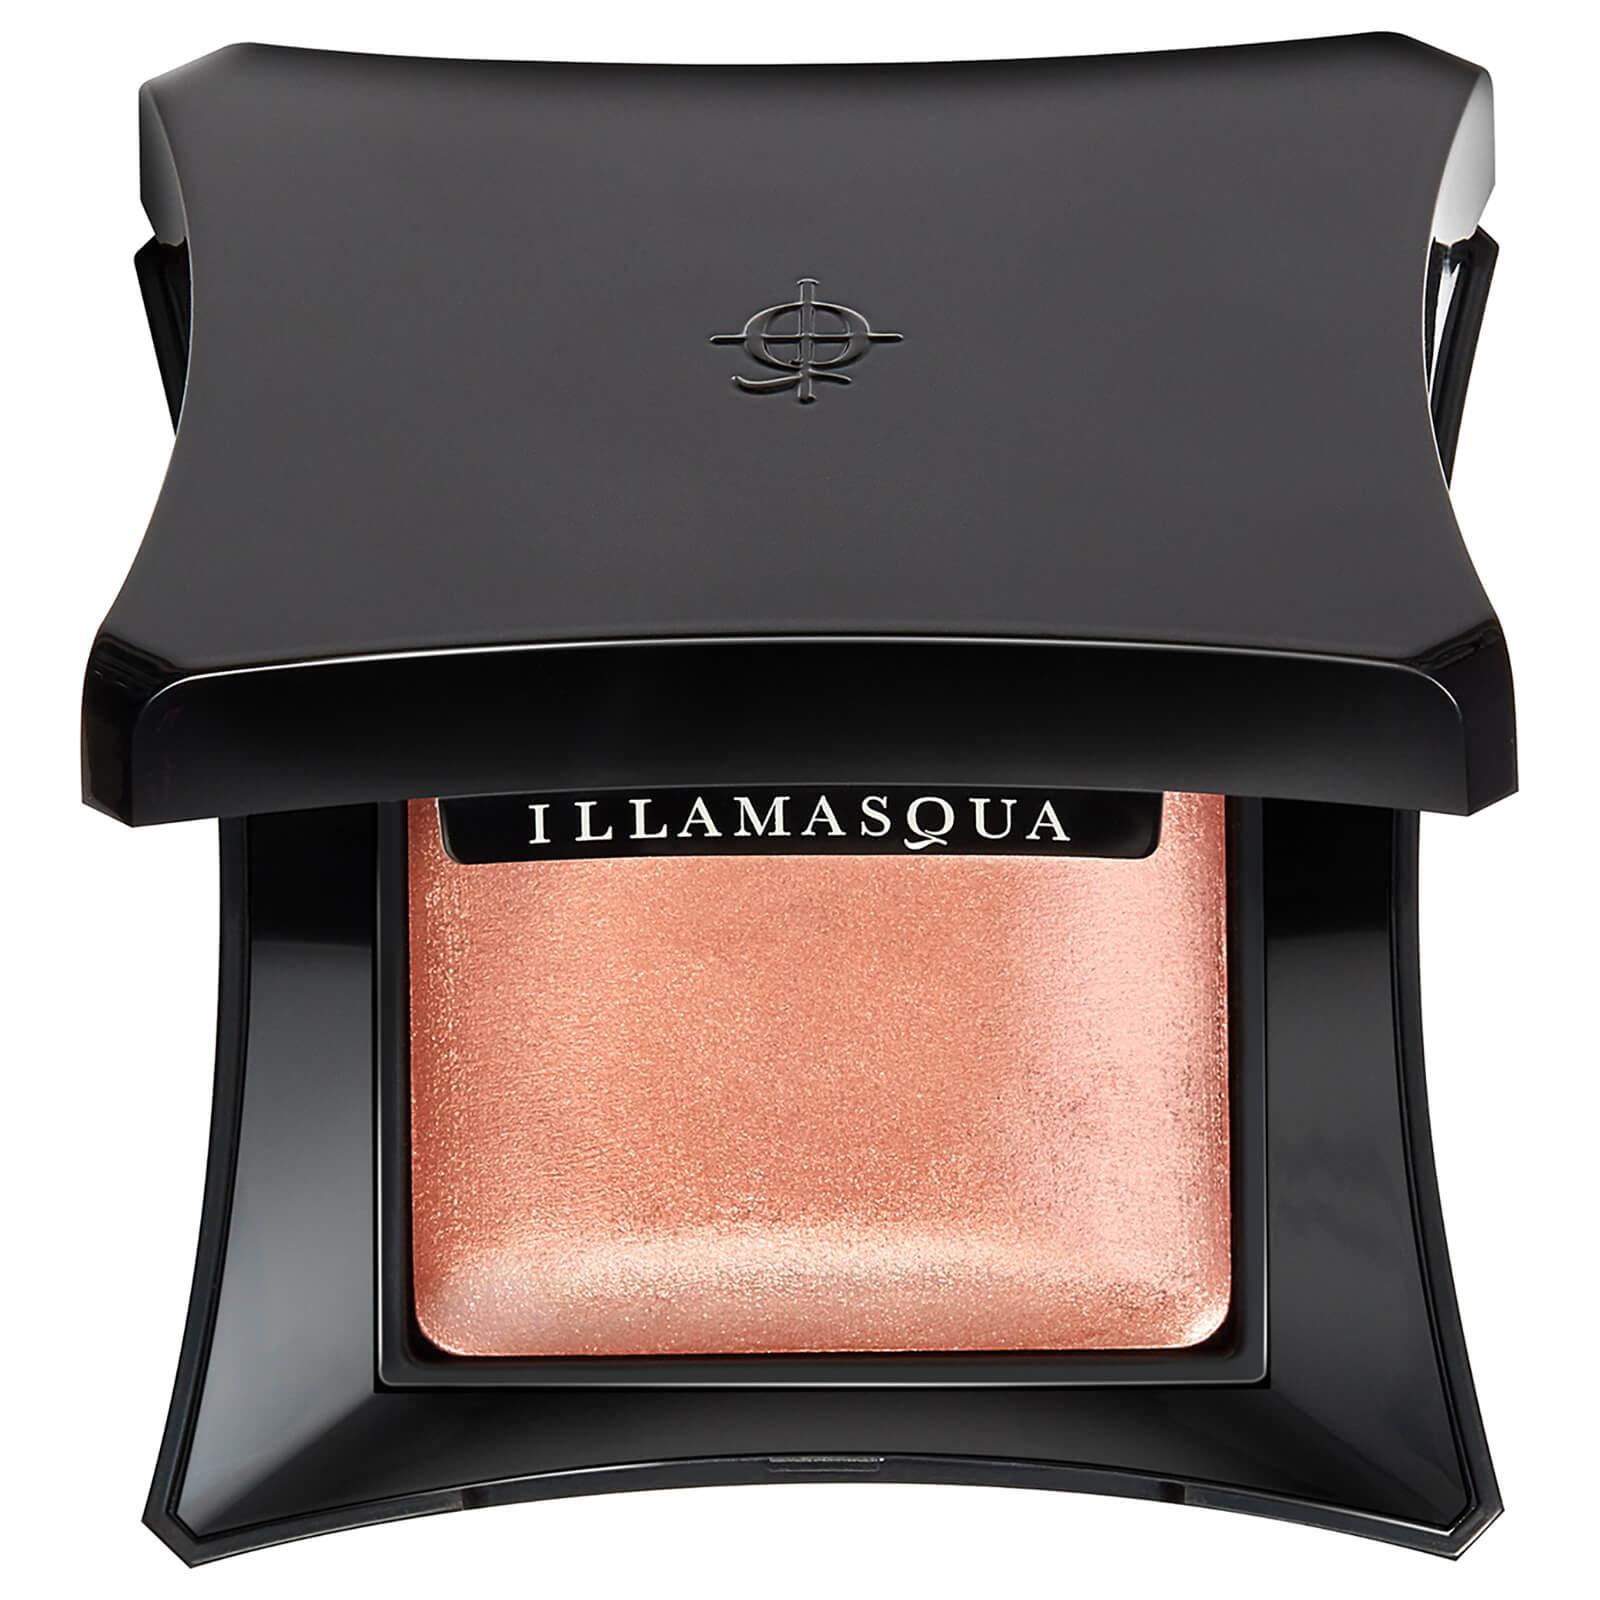 illamasqua-beauty-make-up-šminka-modnialmanah